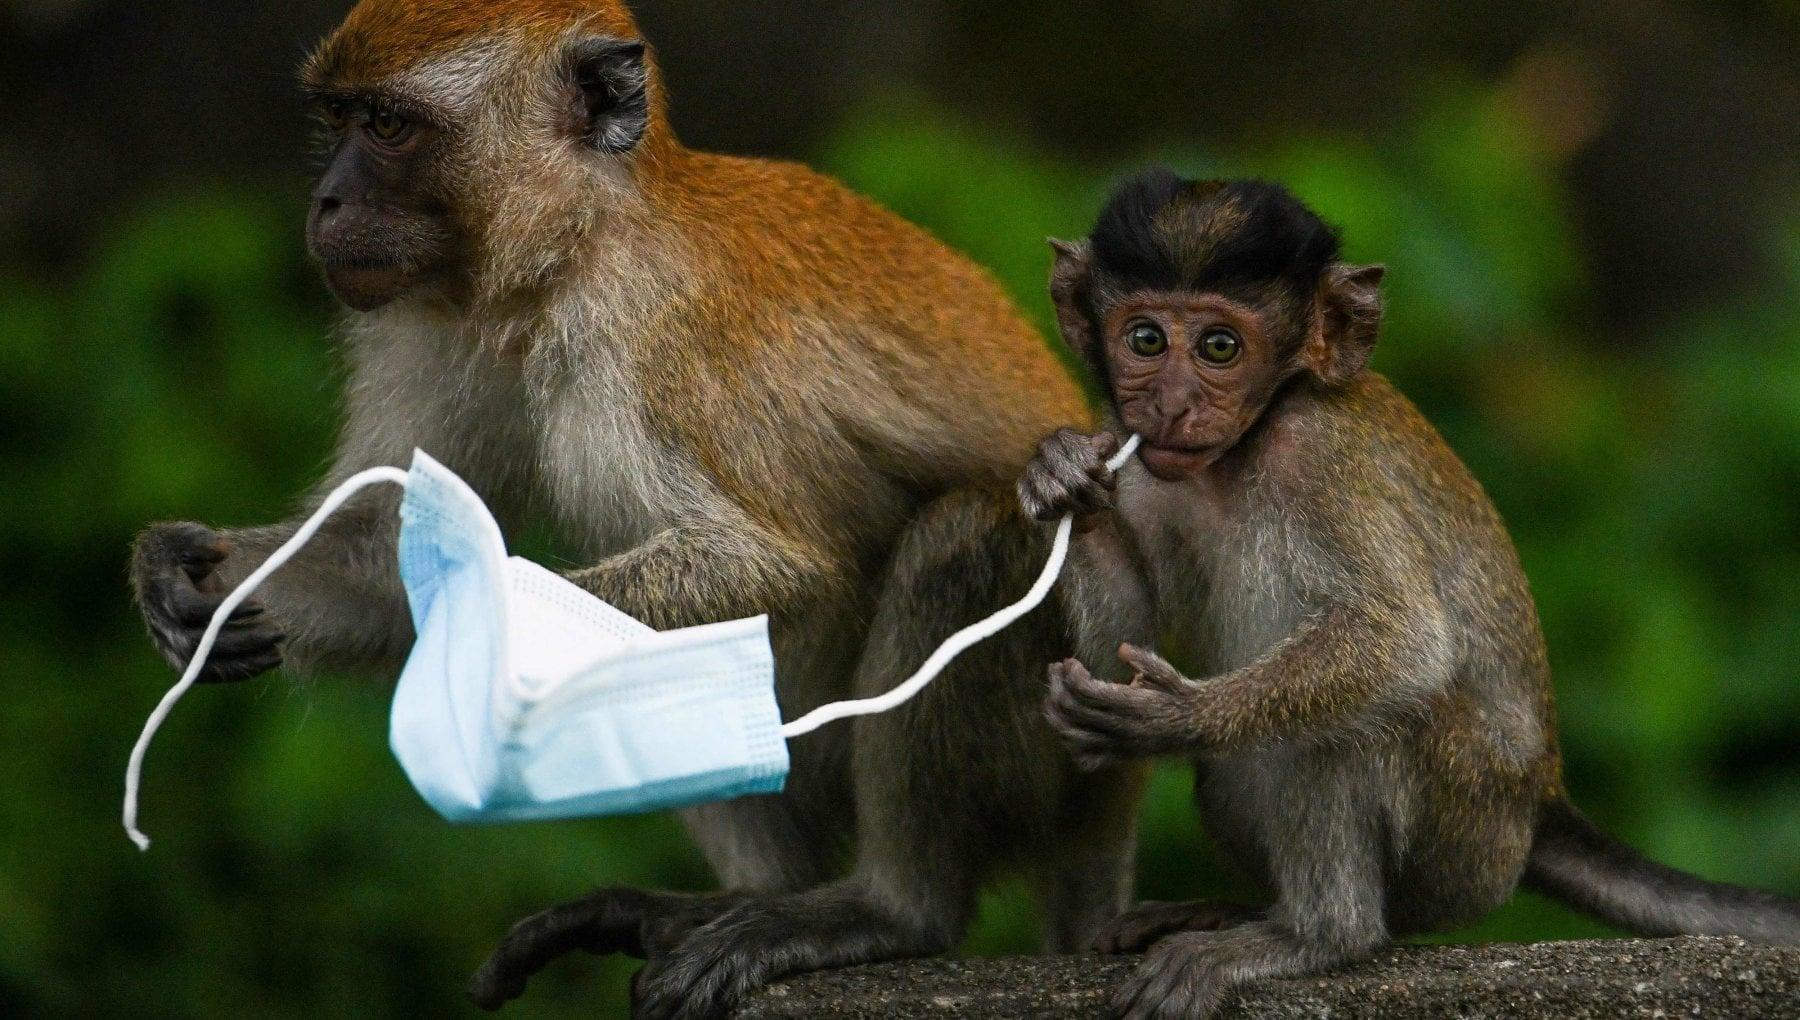 130426309 d2251197 875f 423f 99c0 d43926554dcf - Bali, le scimmie rubano telefoni e occhiali per barattare più cibo